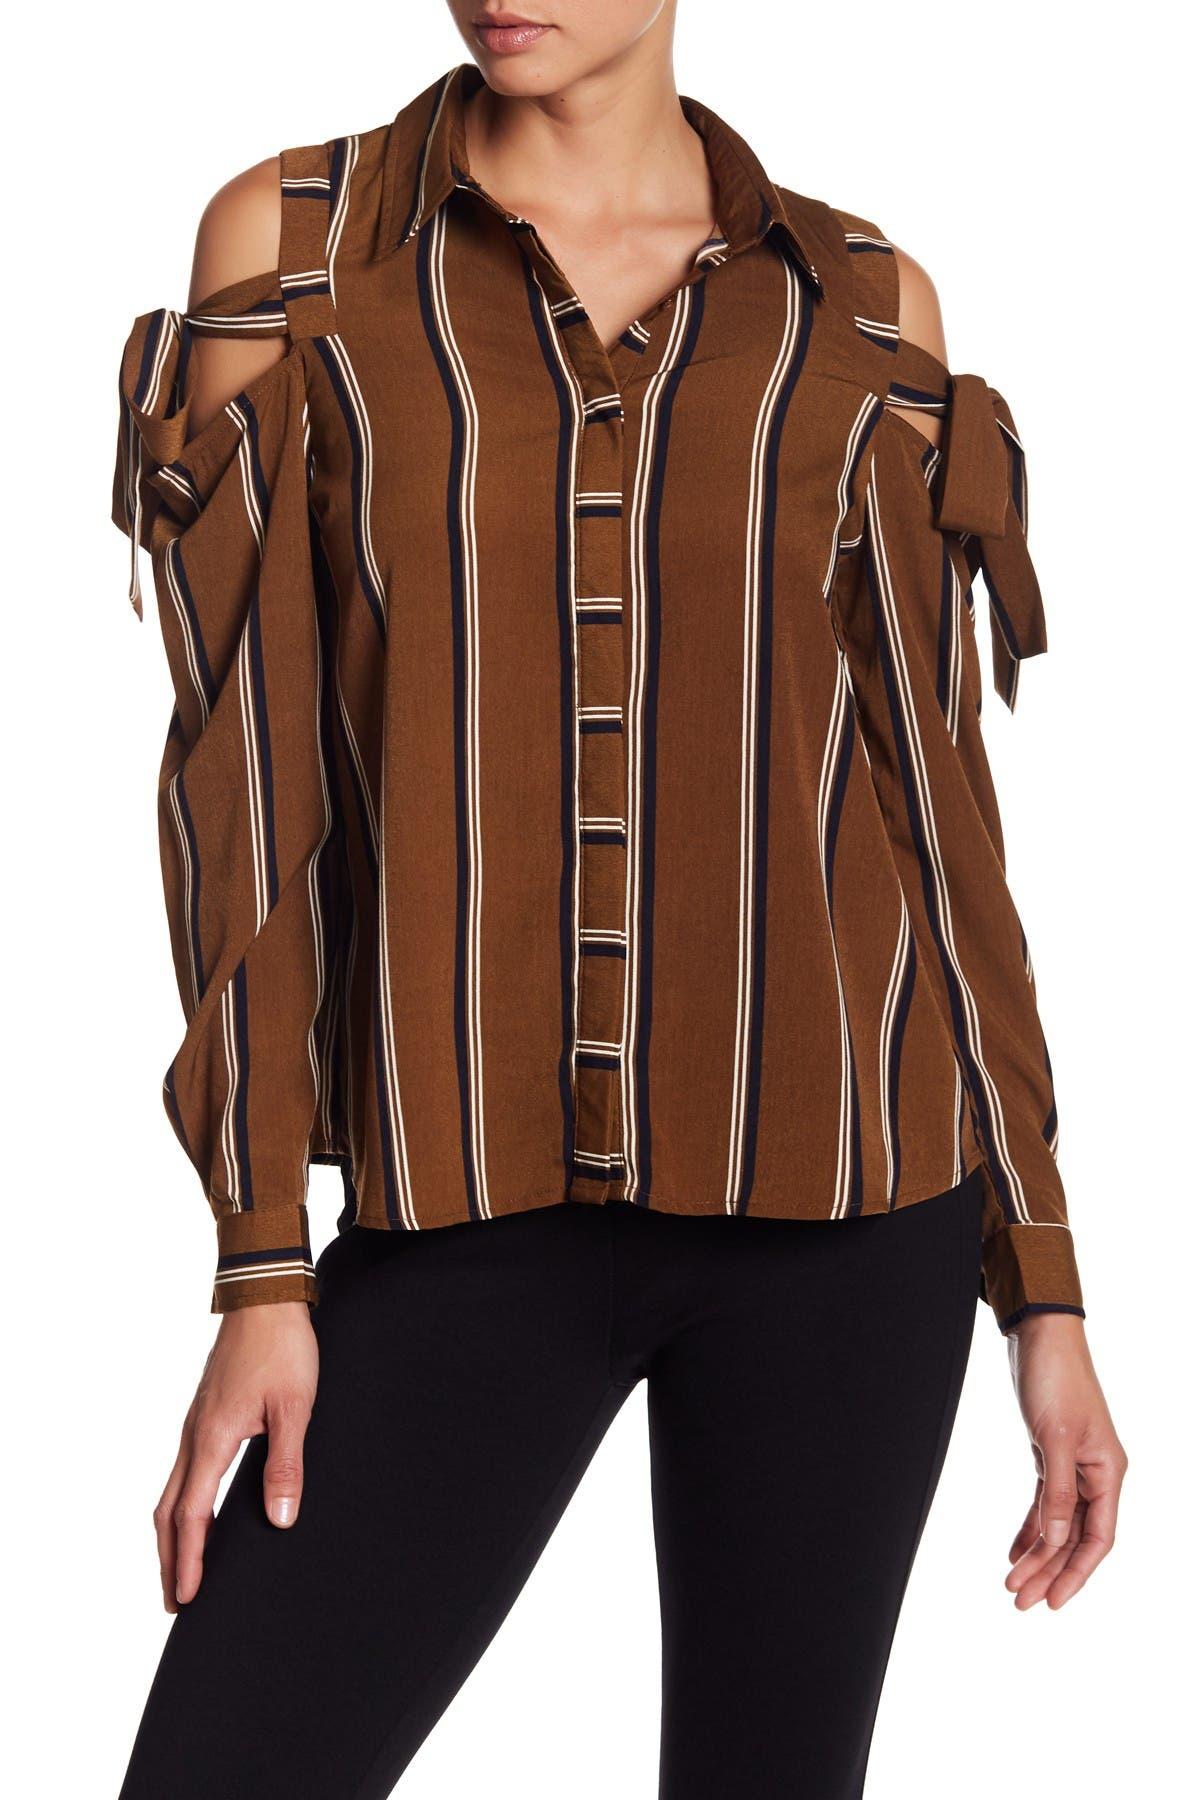 Image of Blu Pepper Cold Shoulder Tie Stripe Shirt